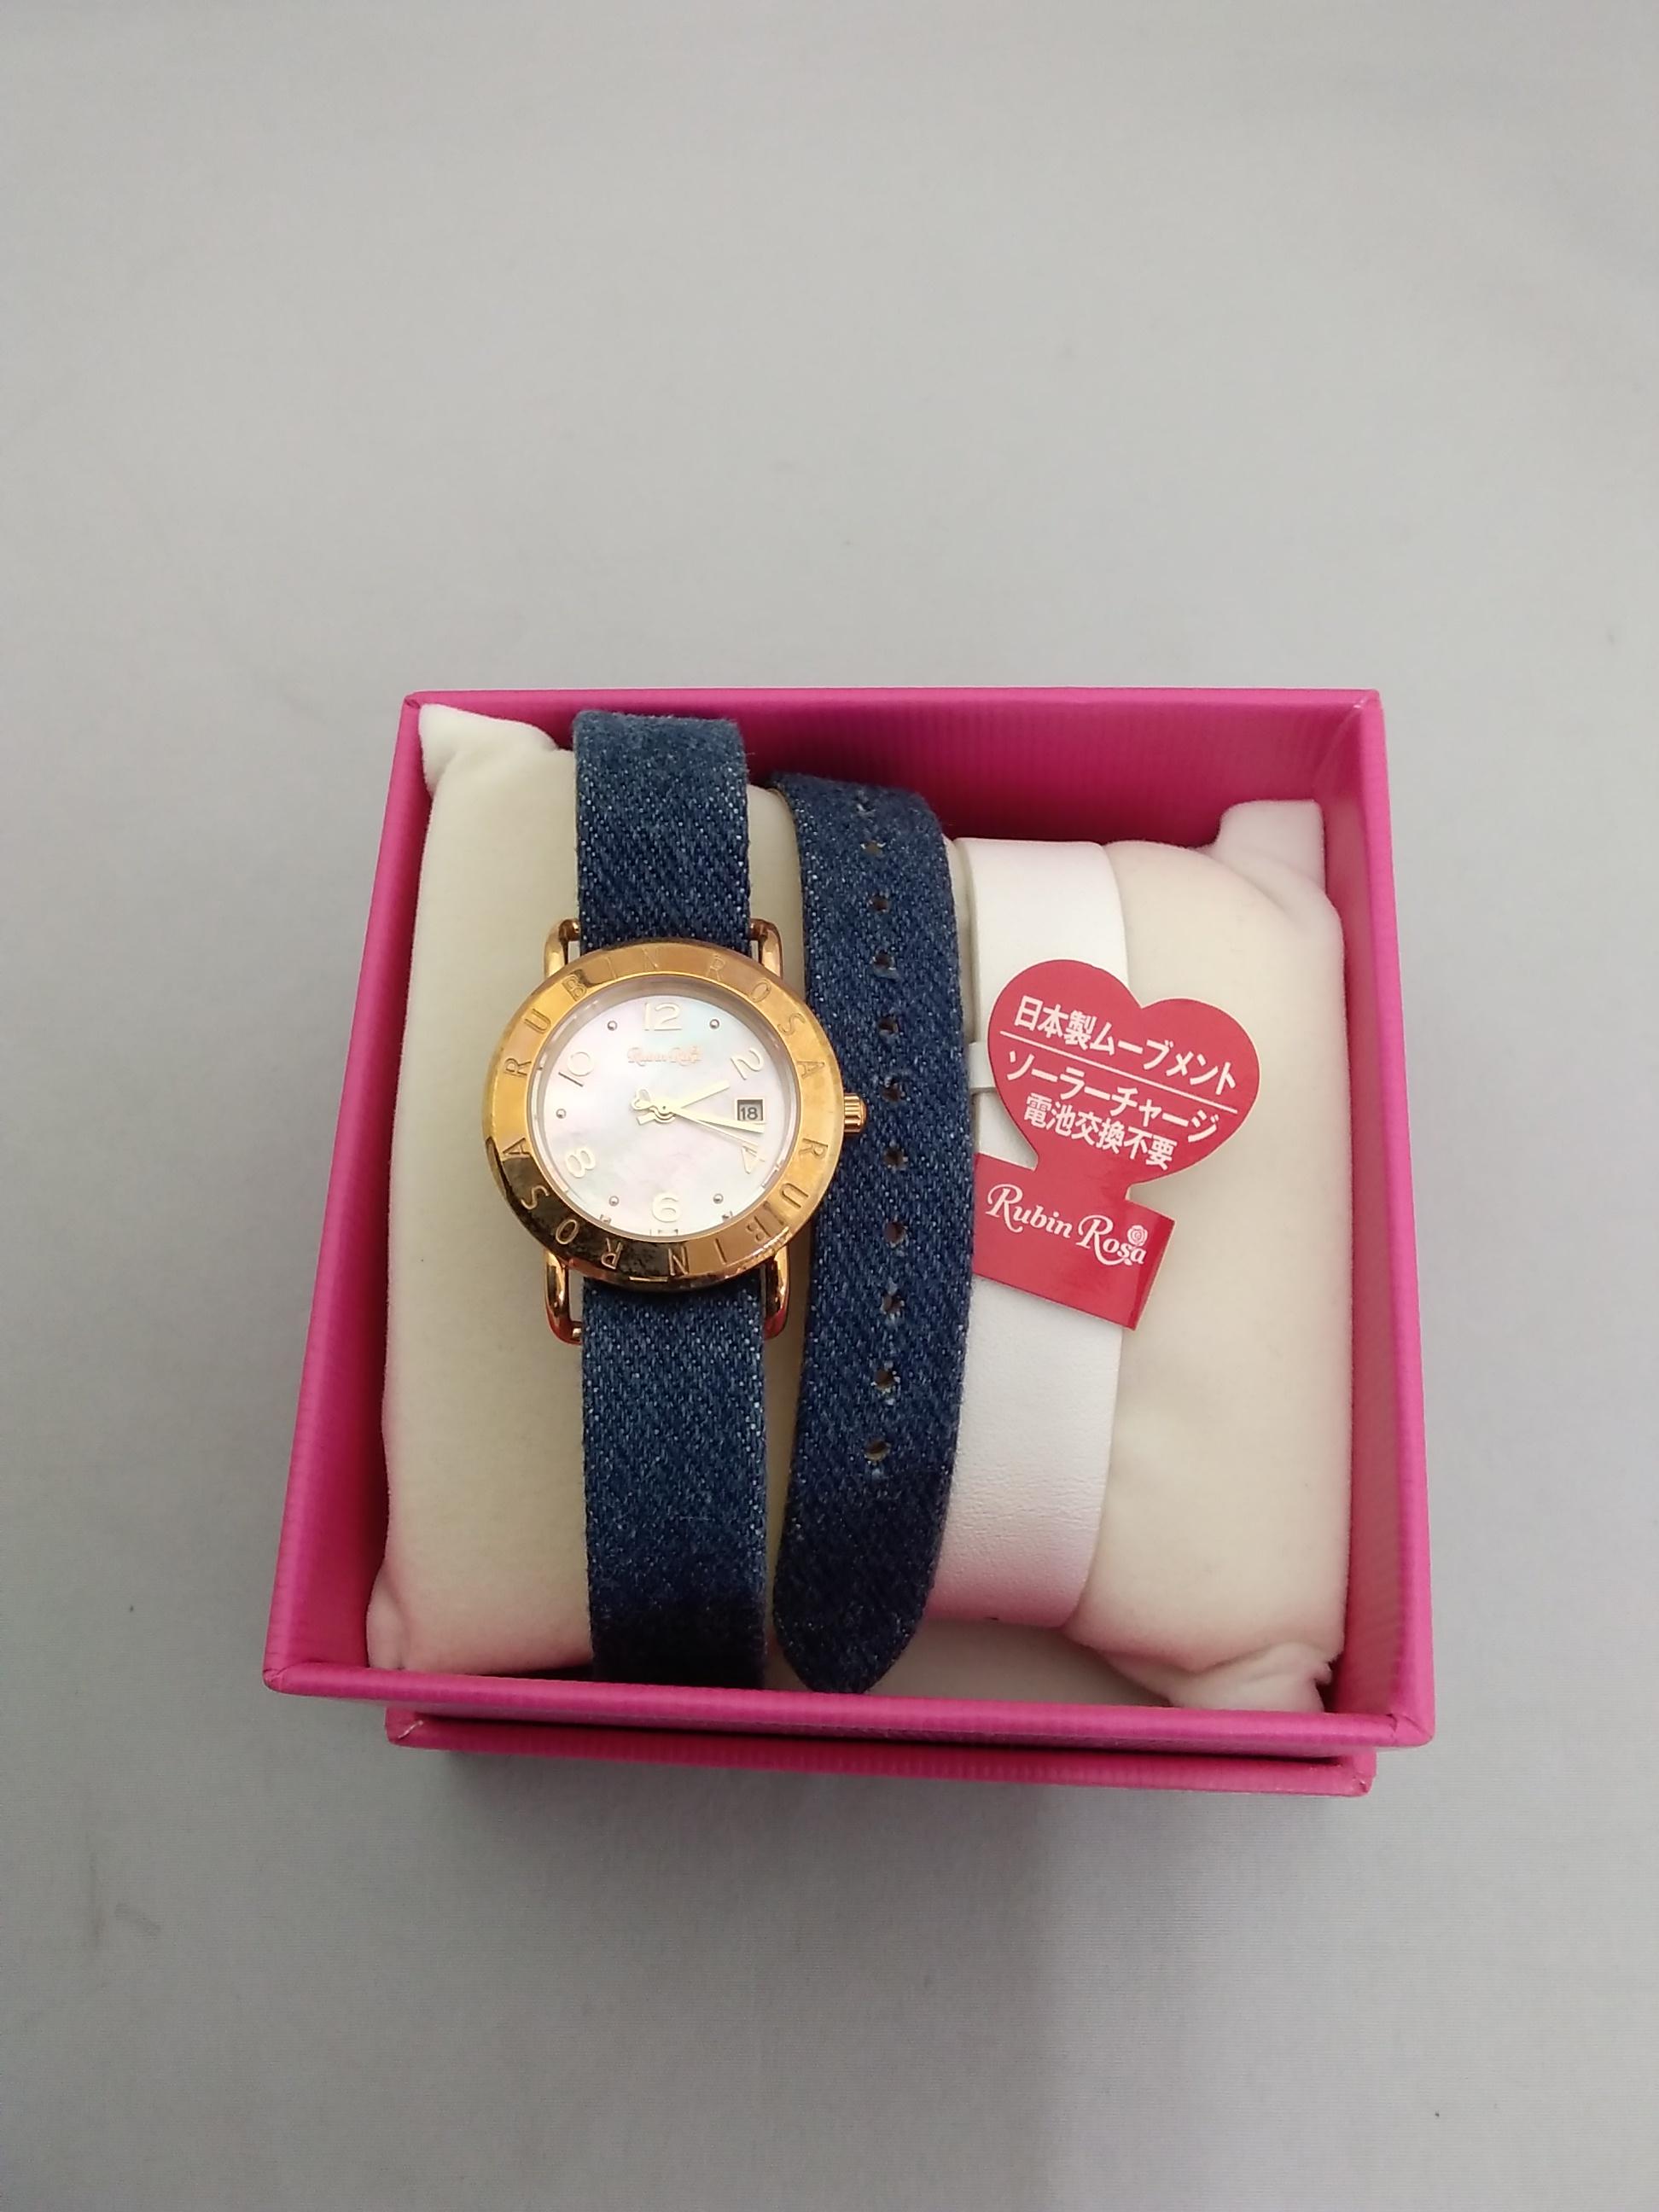 ソーラー電池腕時計|RUBIN ROSA